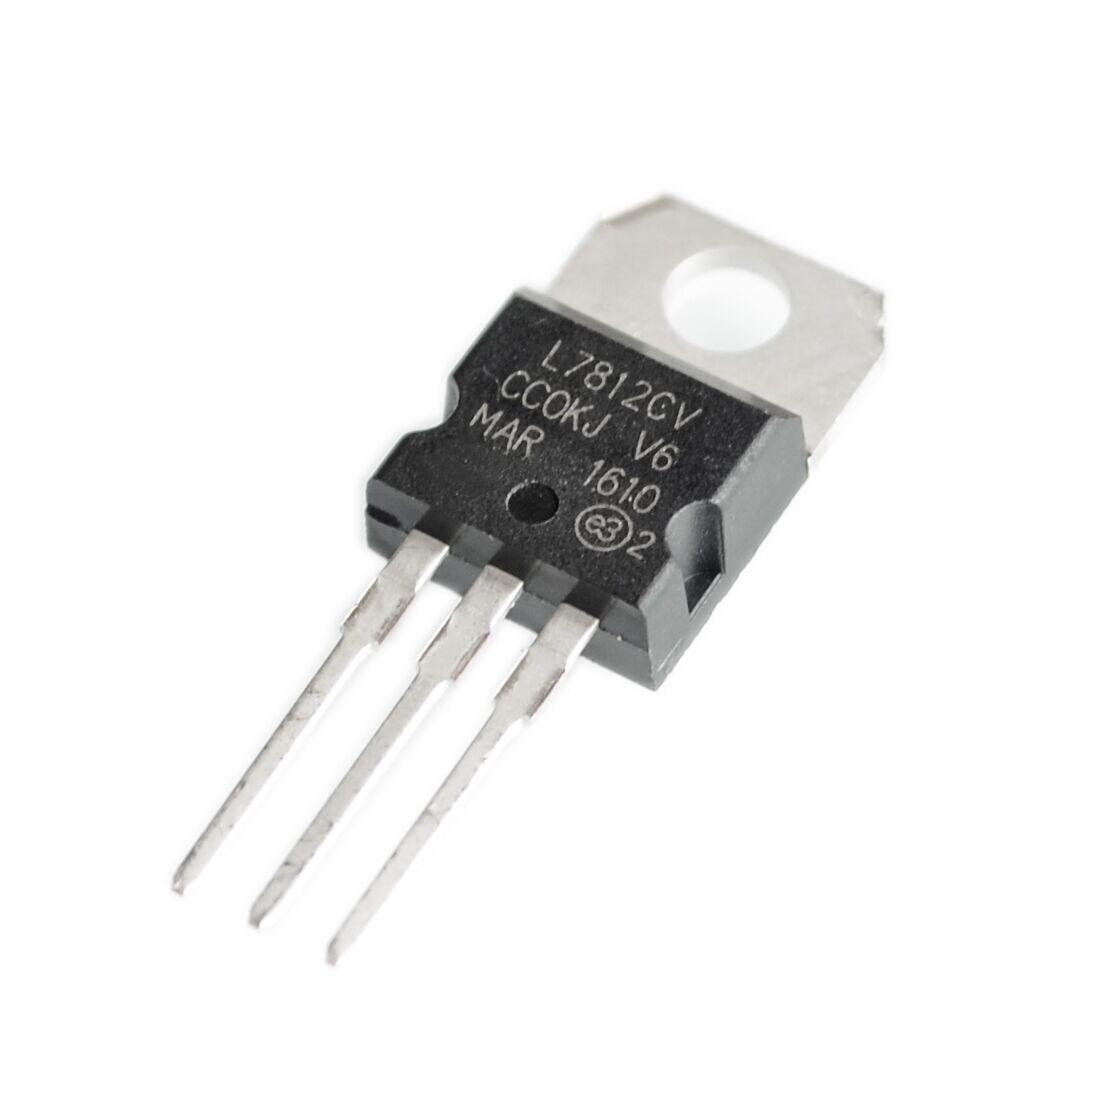 2x L7810CV 7810 Estabilizador Regulador de Voltaje Positivo IC TO-220